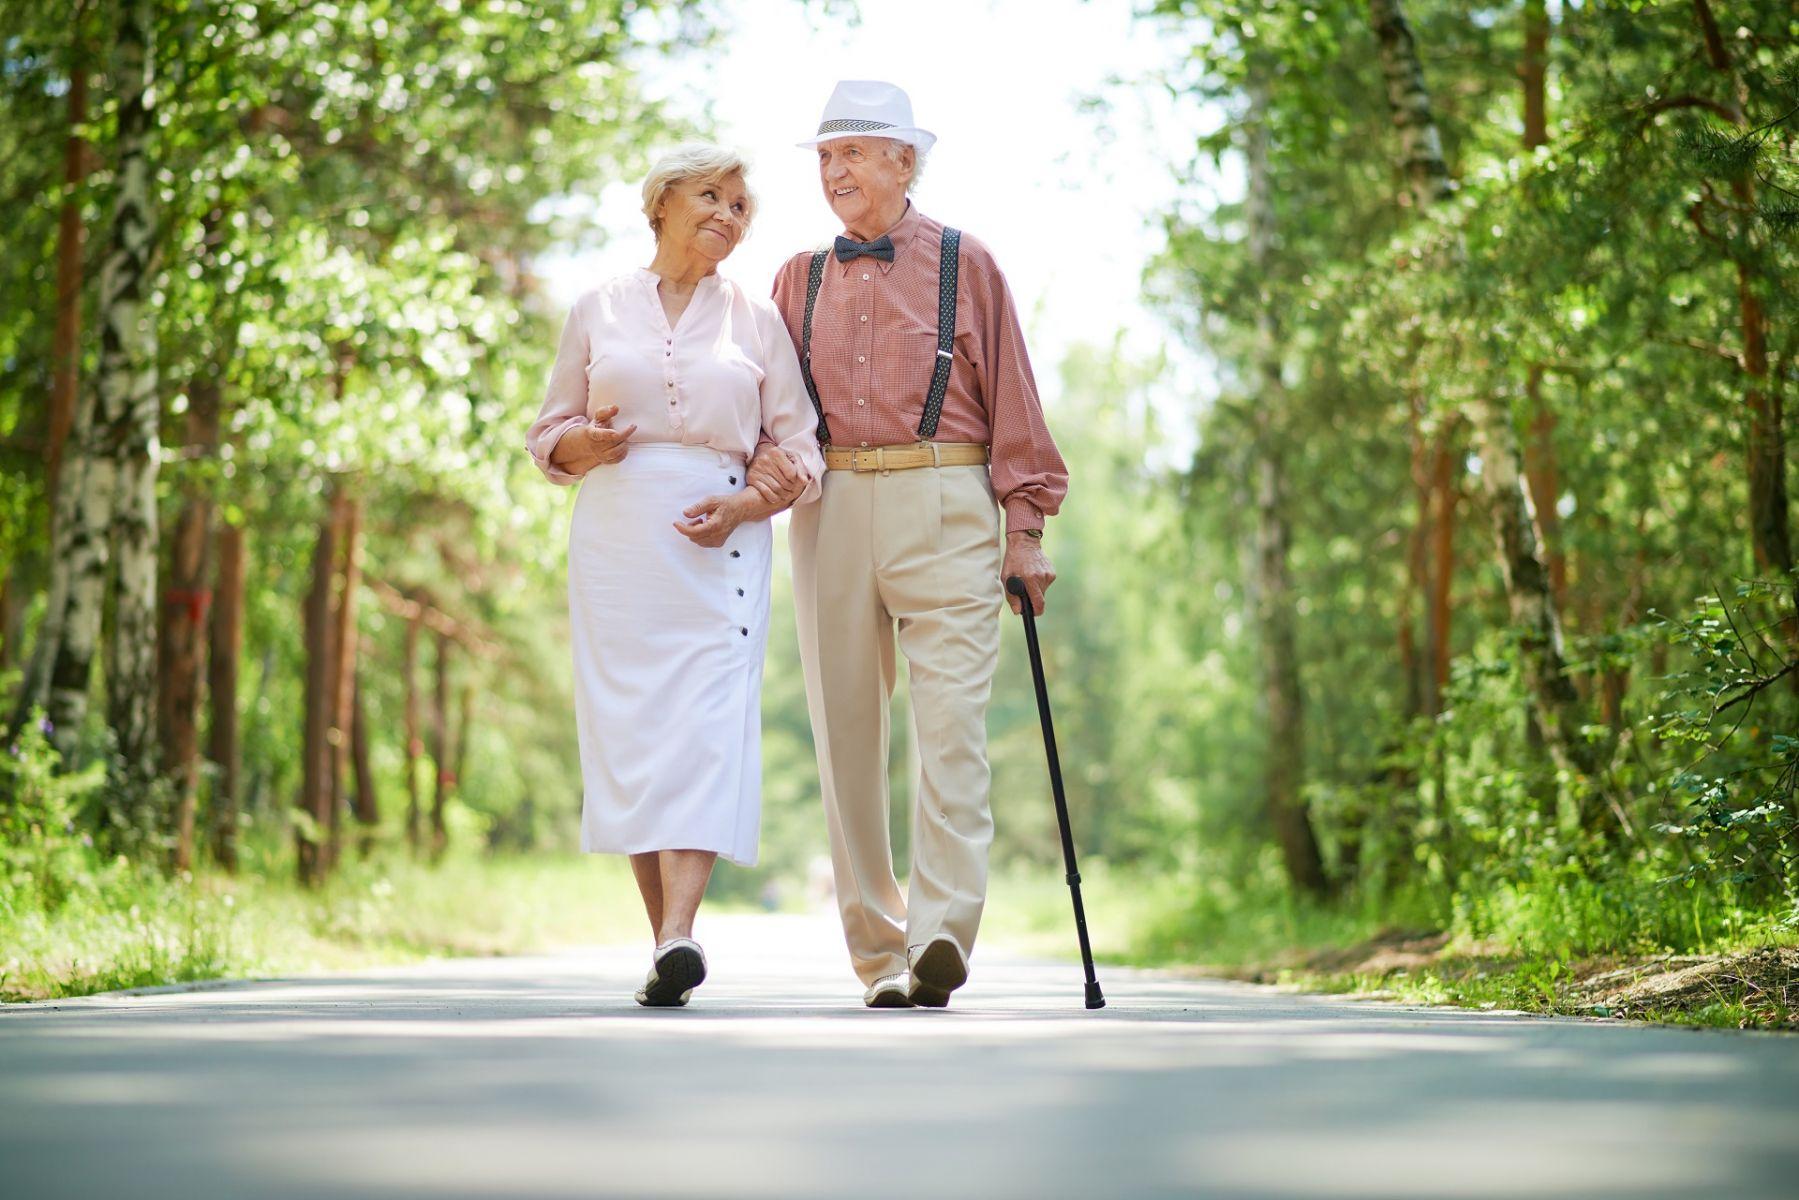 減肥攻略:如果只做散步運動,什麼時間散步最有效?